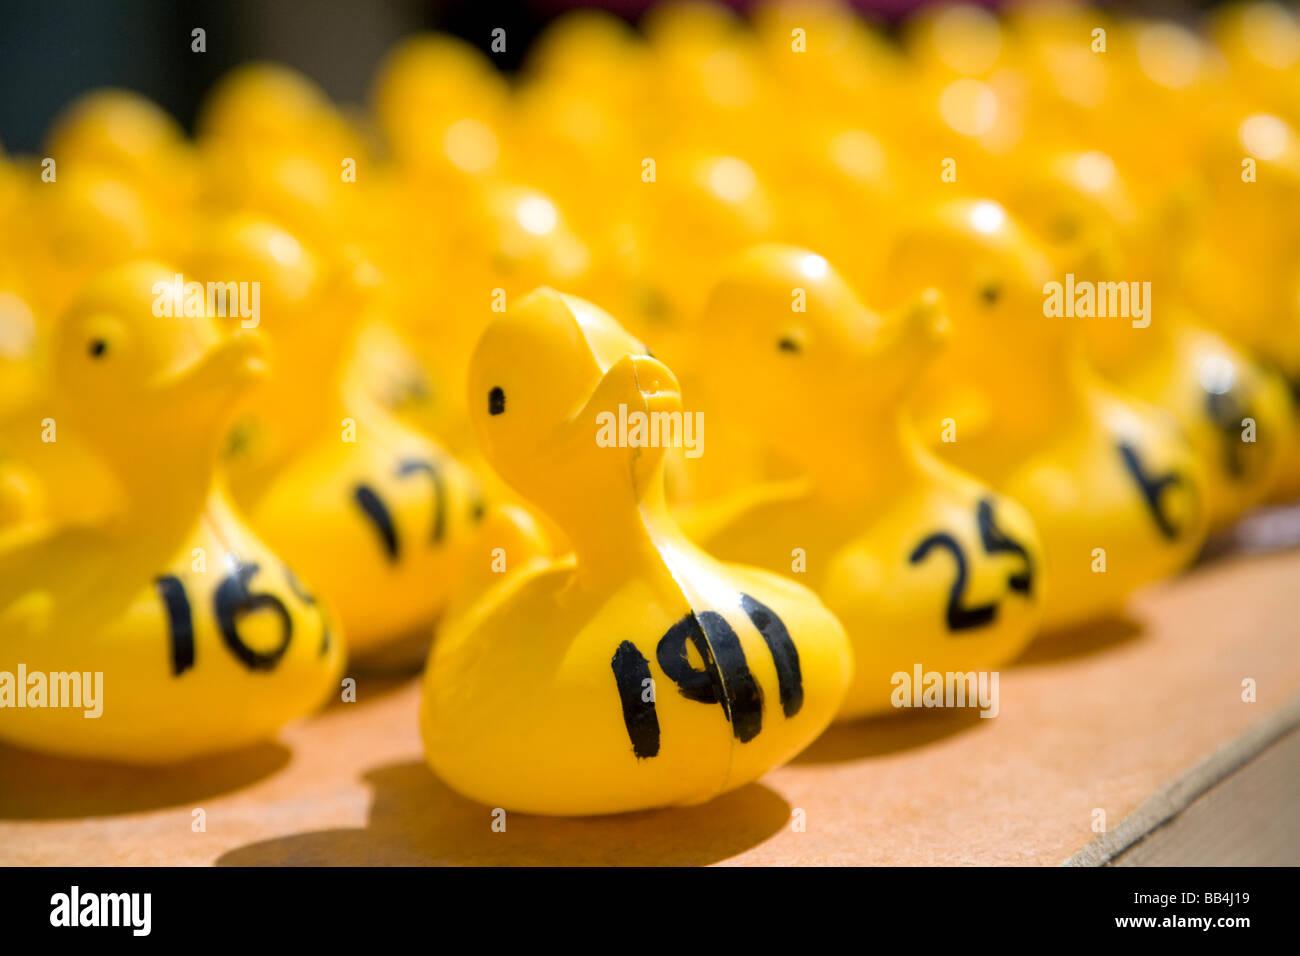 Teilnehmer an einer Charity Kunststoff Entenrennen in Wallingford, Oxfordshire, Vereinigtes Königreich Stockbild